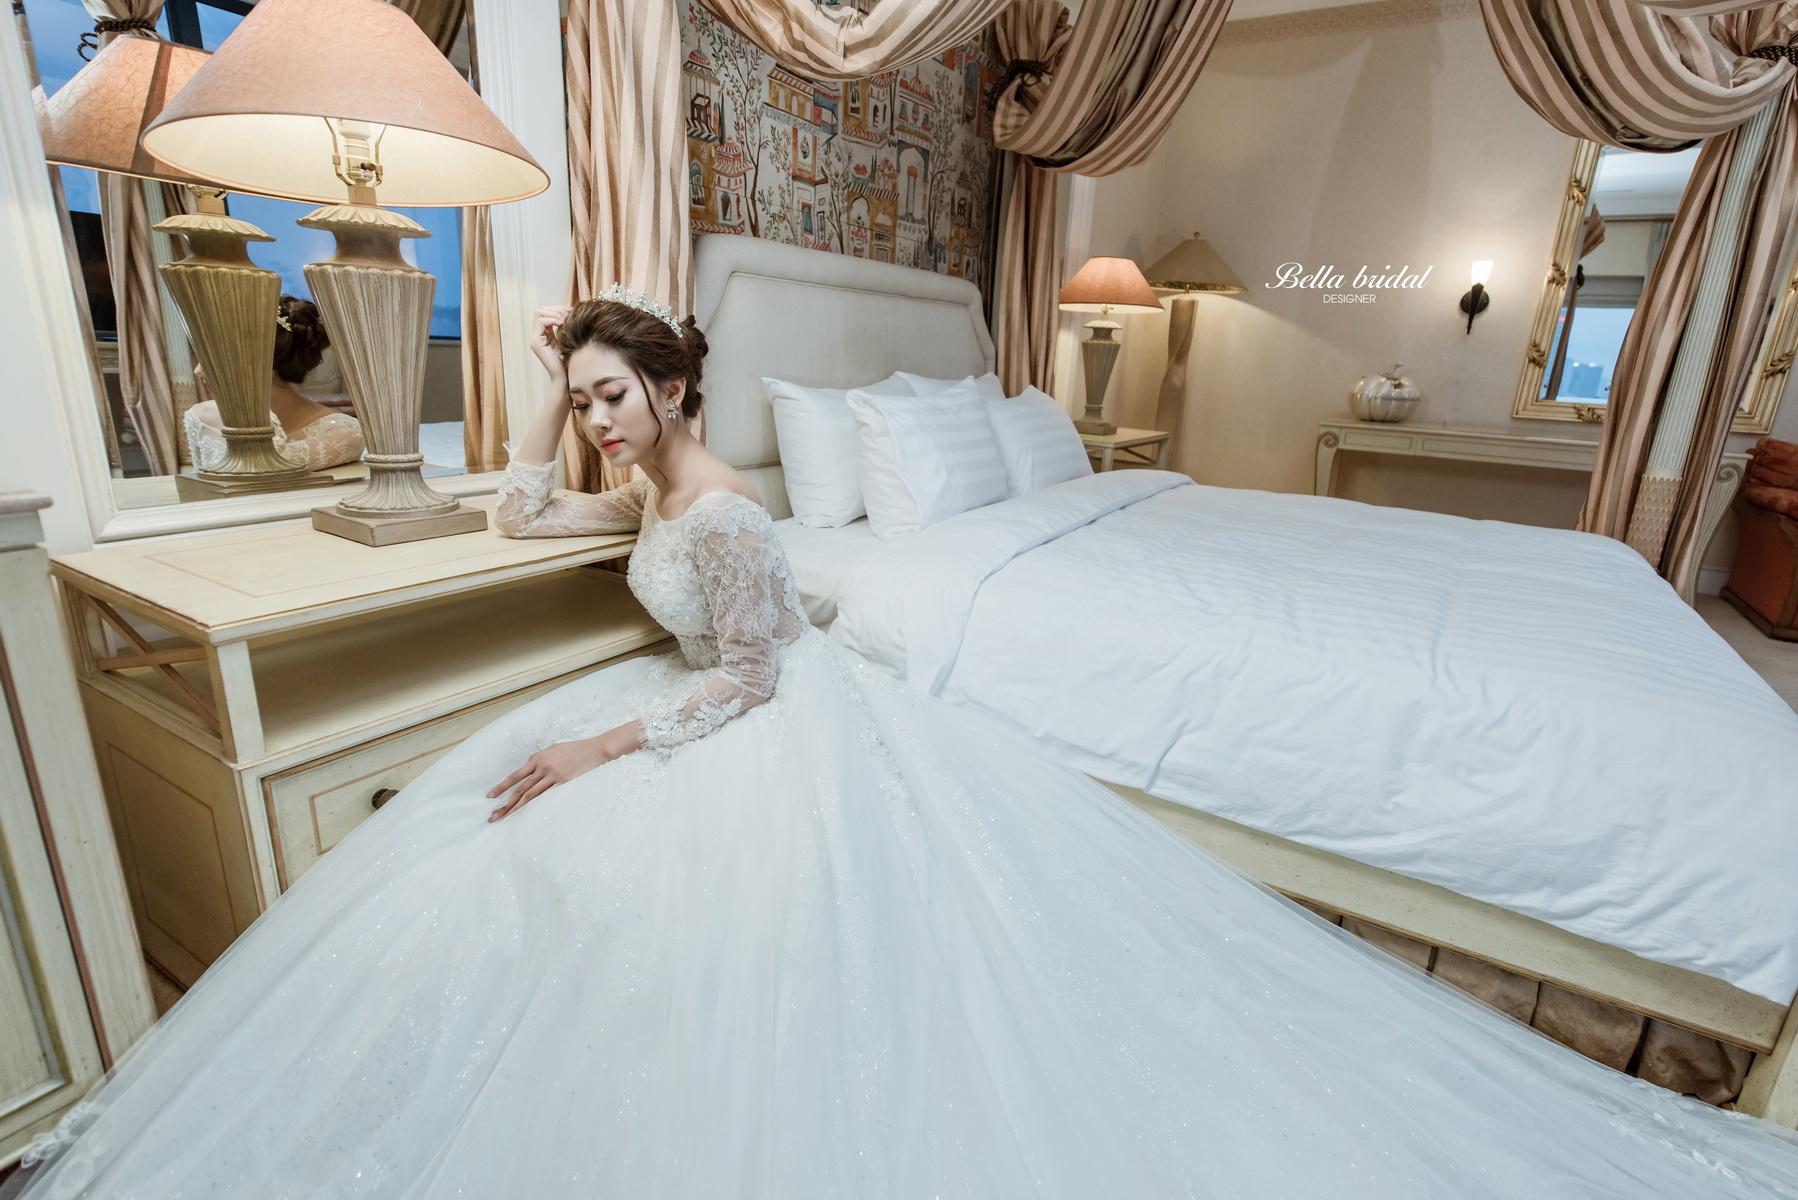 Album váy cưới bồng xòe 58